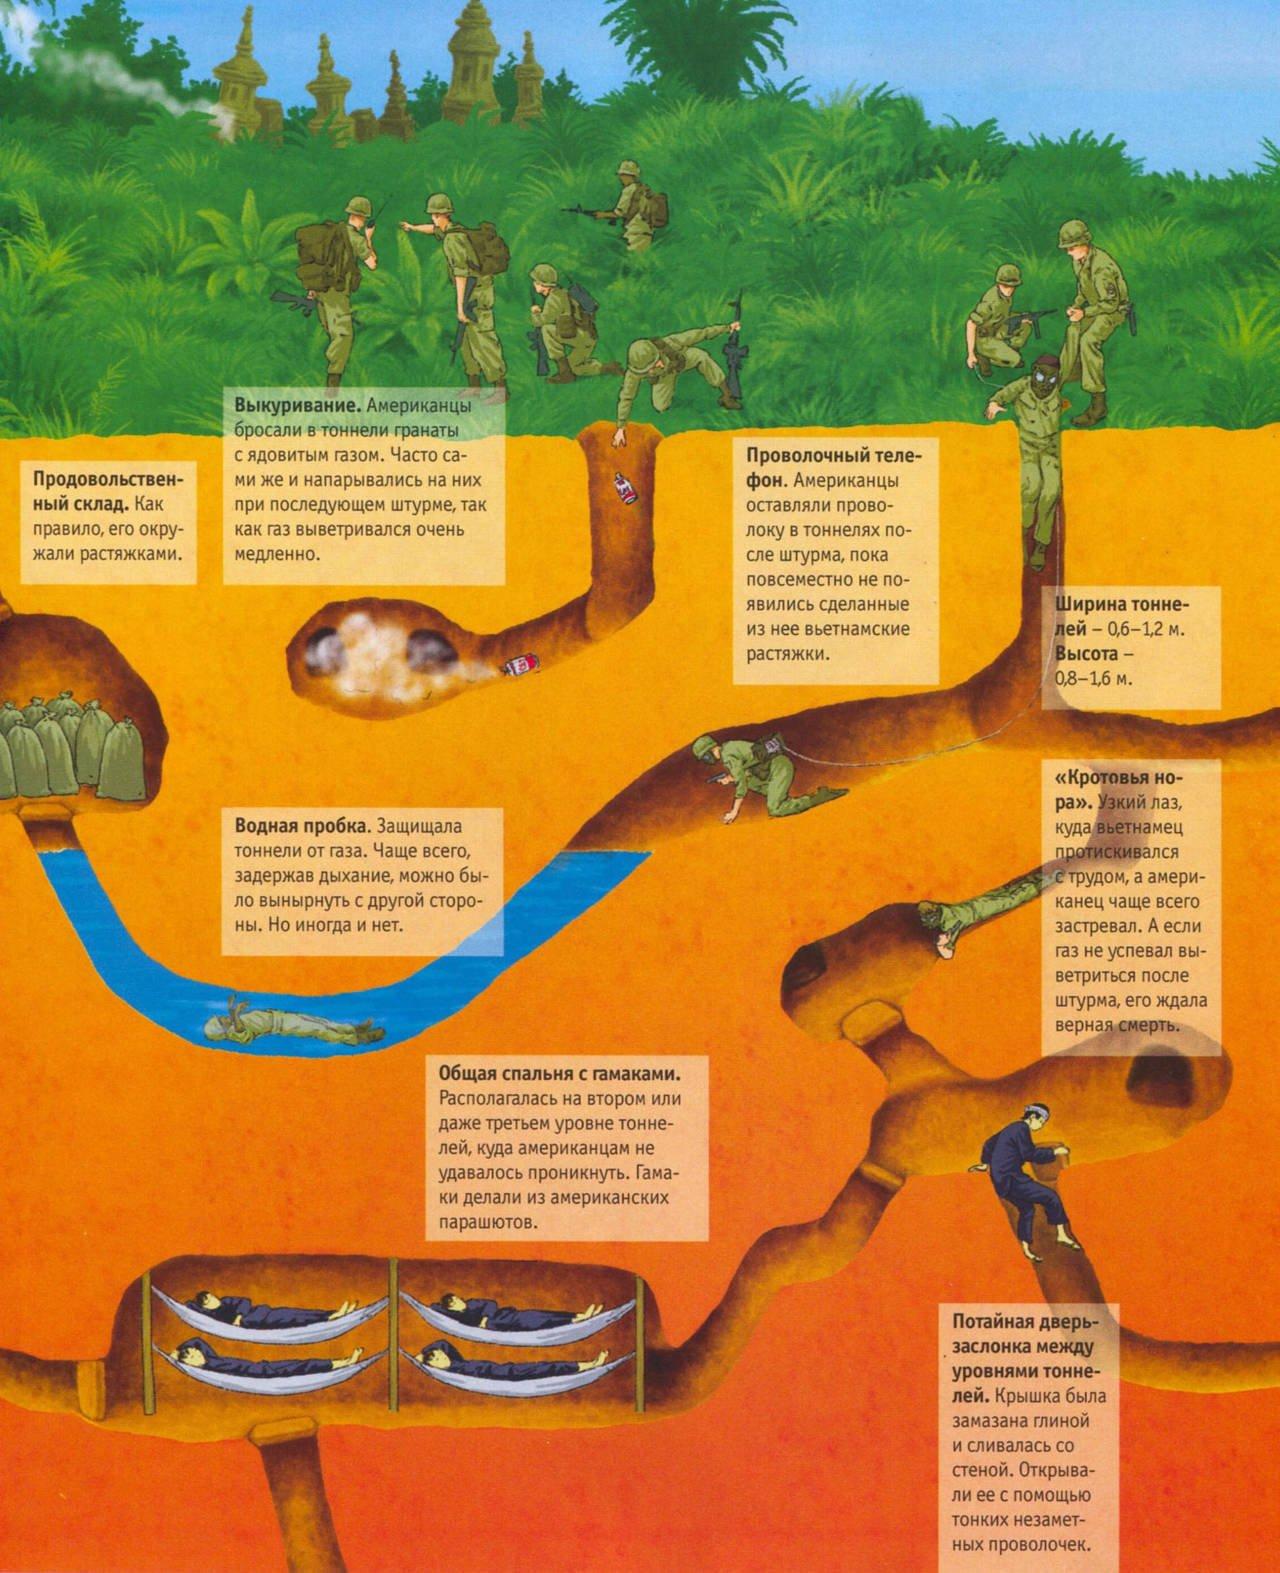 Тайна вьетконга, подземные партизаны